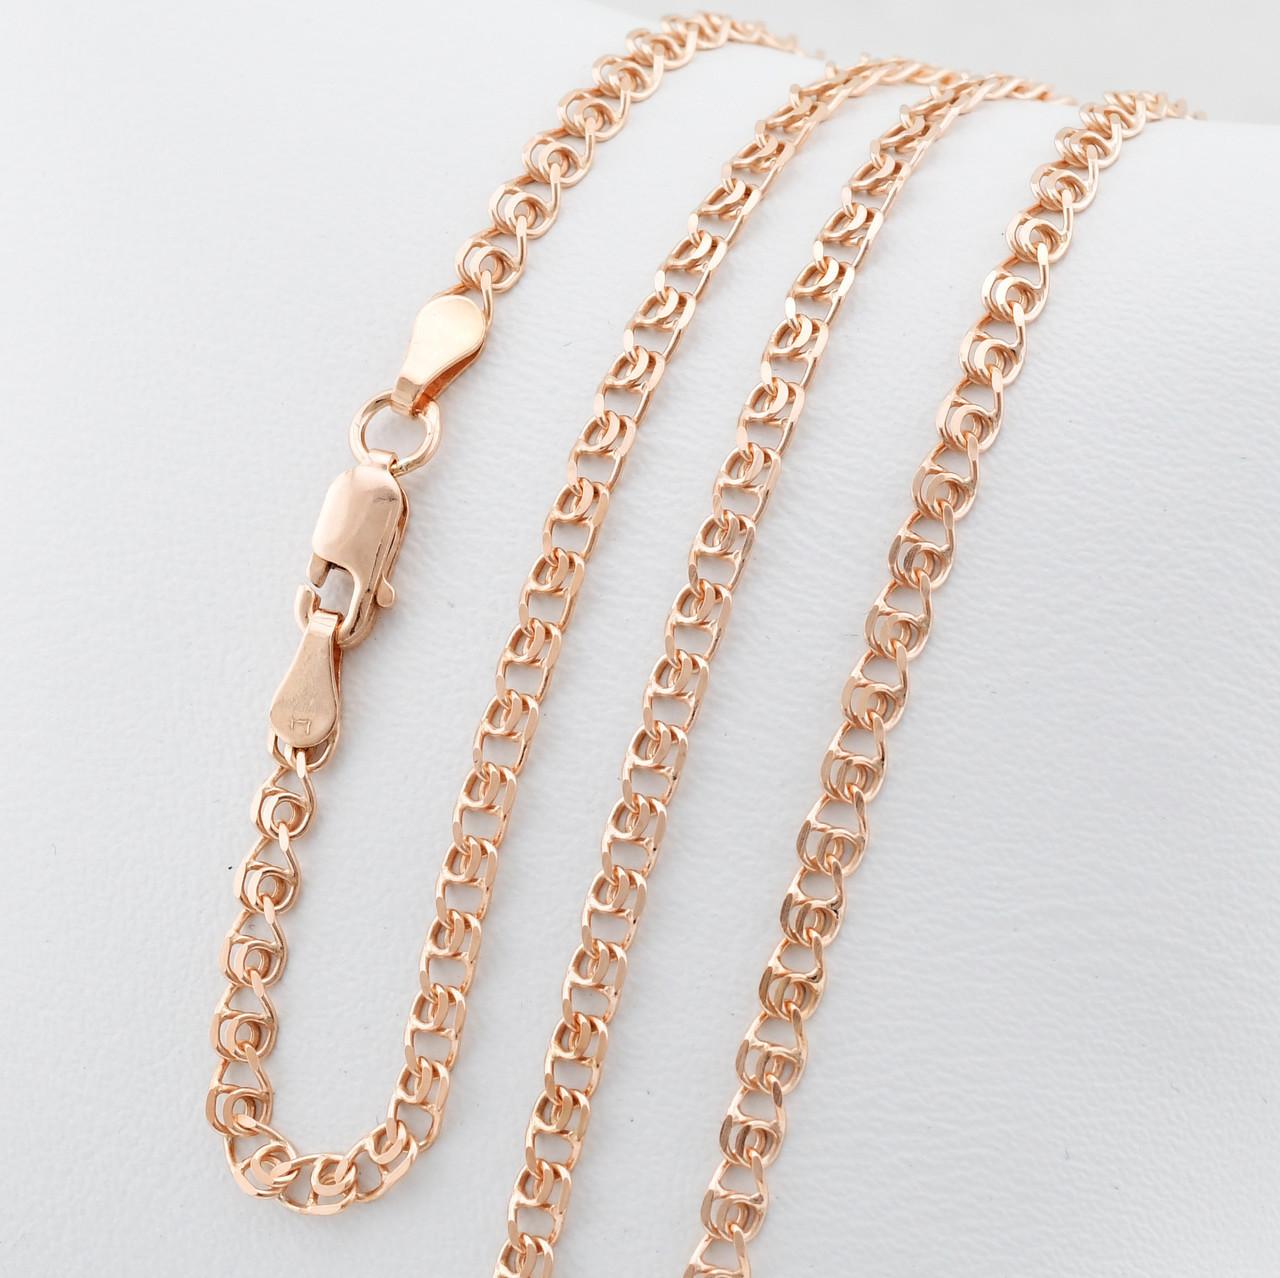 """Серебряная цепочка позолоченная """"Love"""", ширина 3 мм, вес 5.56 г, длина 50 см"""